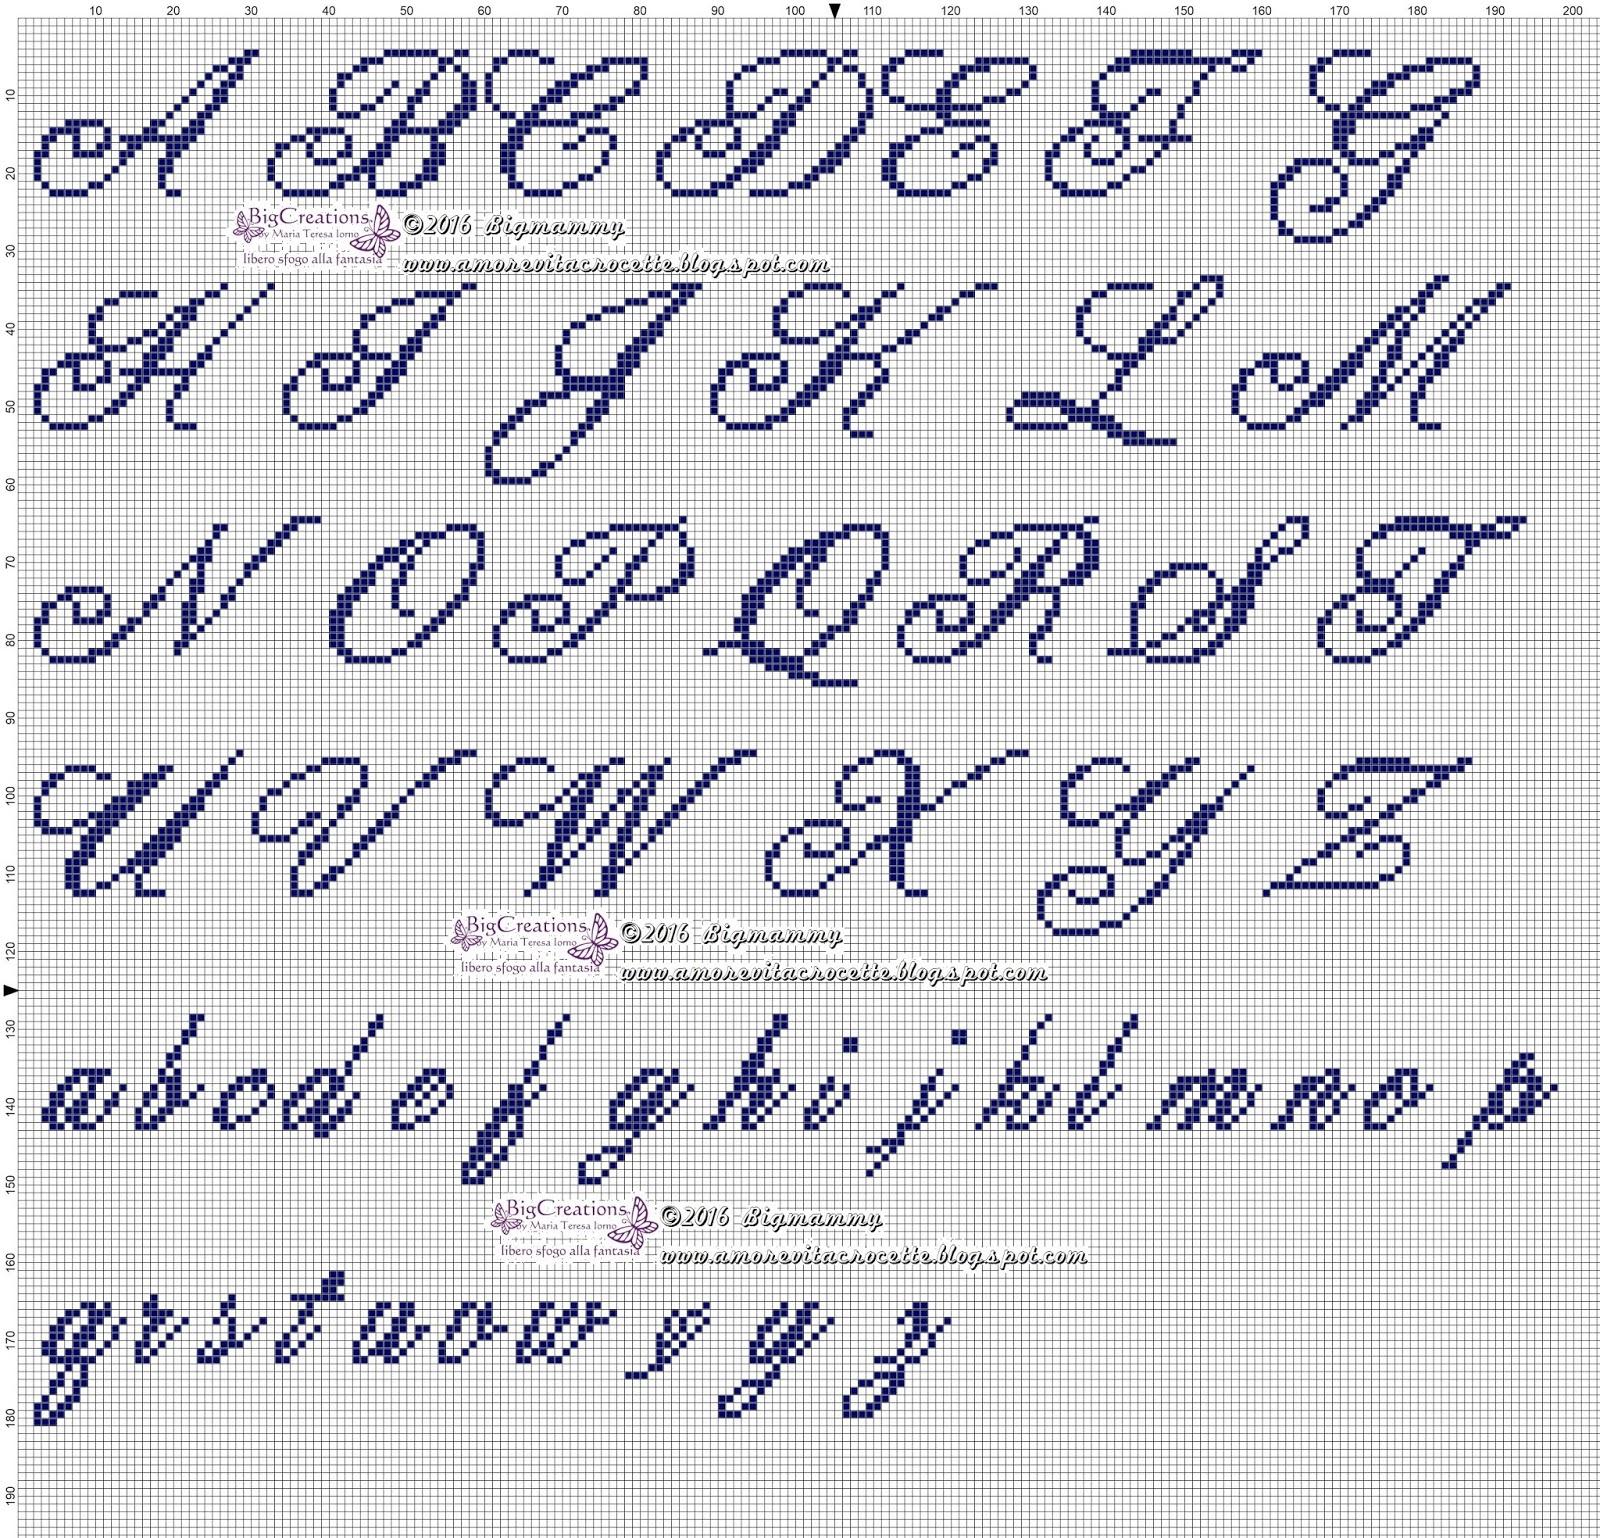 Amorevitacrocette vari alfabeti a punto croce for Ricamo punto croce lettere